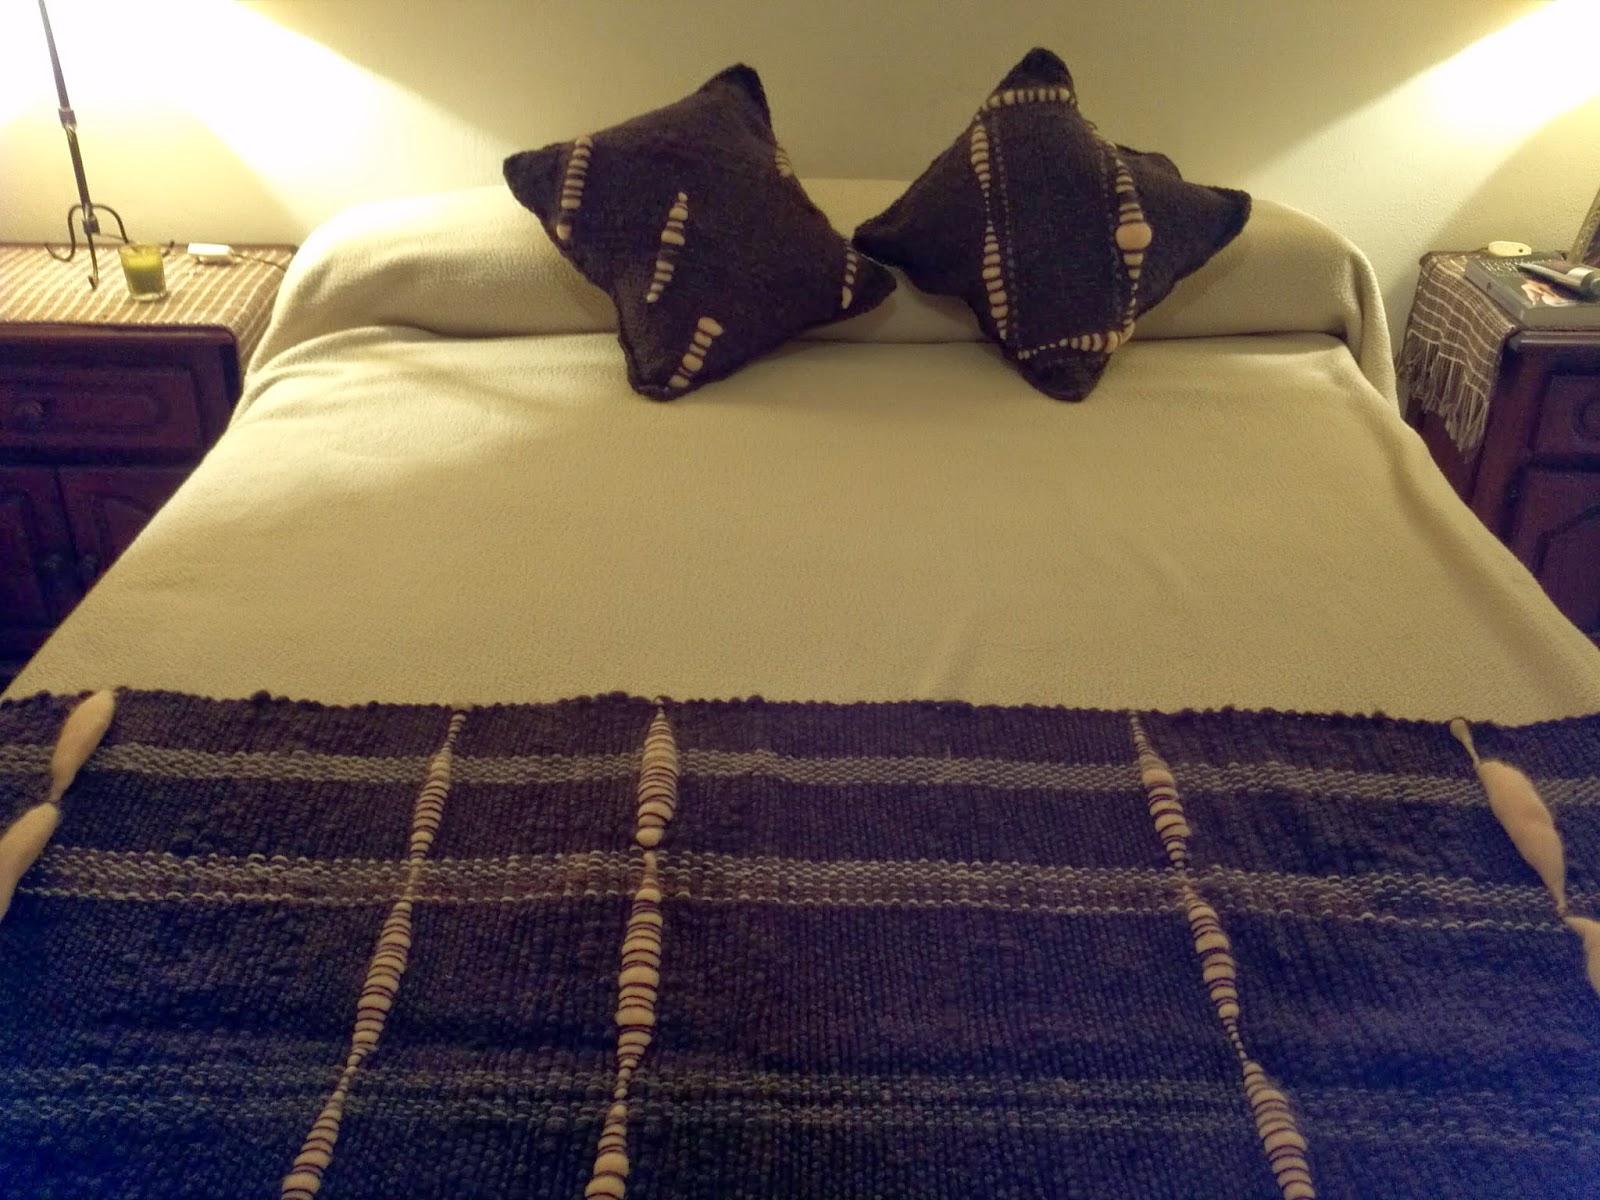 Lola telares manta pie de cama con almohadones - Pie de cama ...